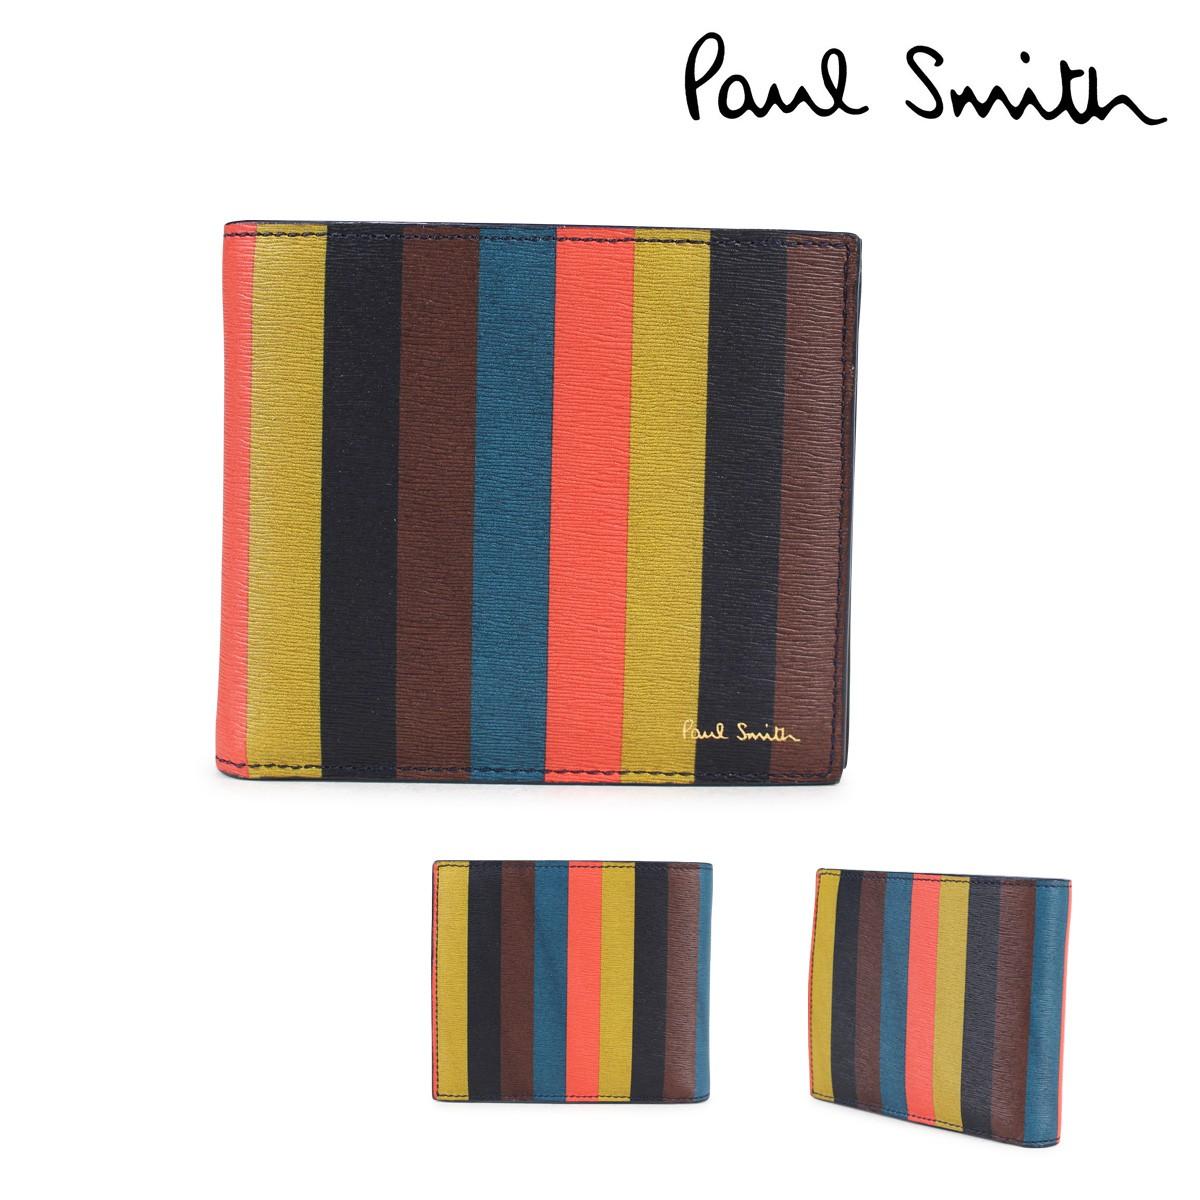 ポールスミス 財布 メンズ 二つ折り Paul Smith SMART WALLET レザー マルチカラー 4833 W785A 96 [1/23 新入荷]